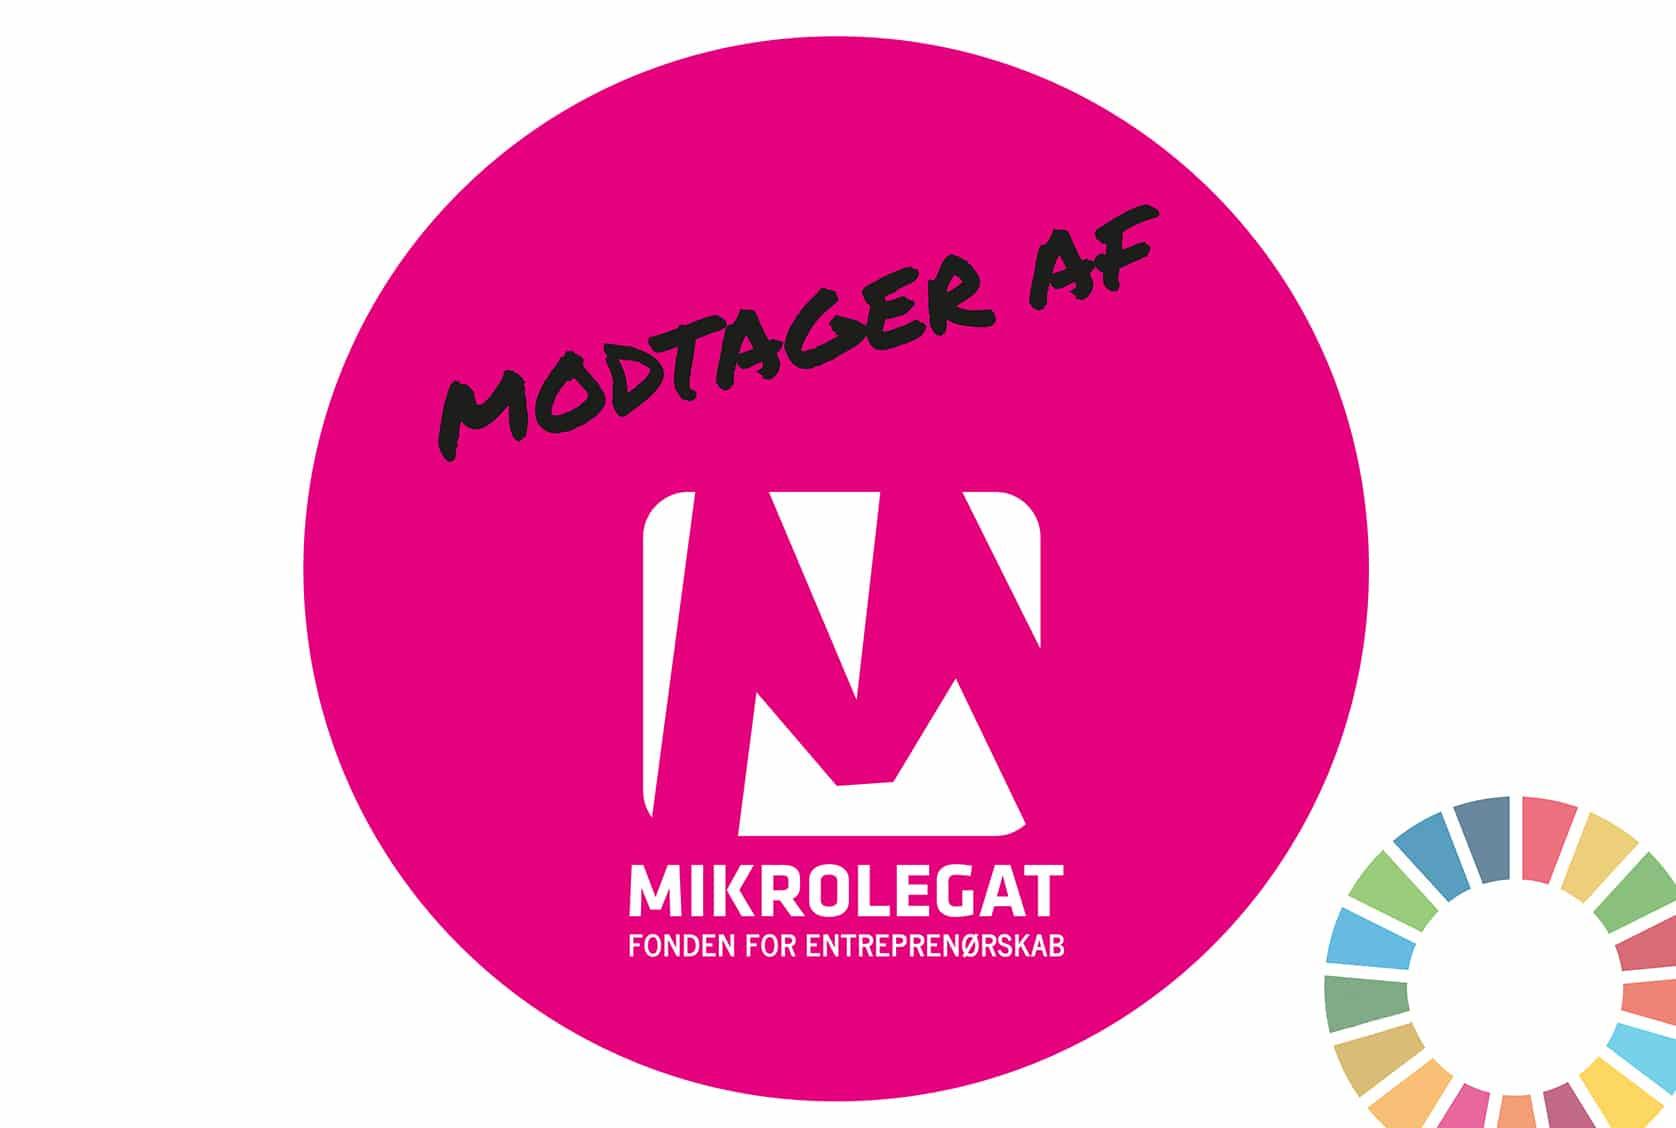 Modtager af Mikrolegat